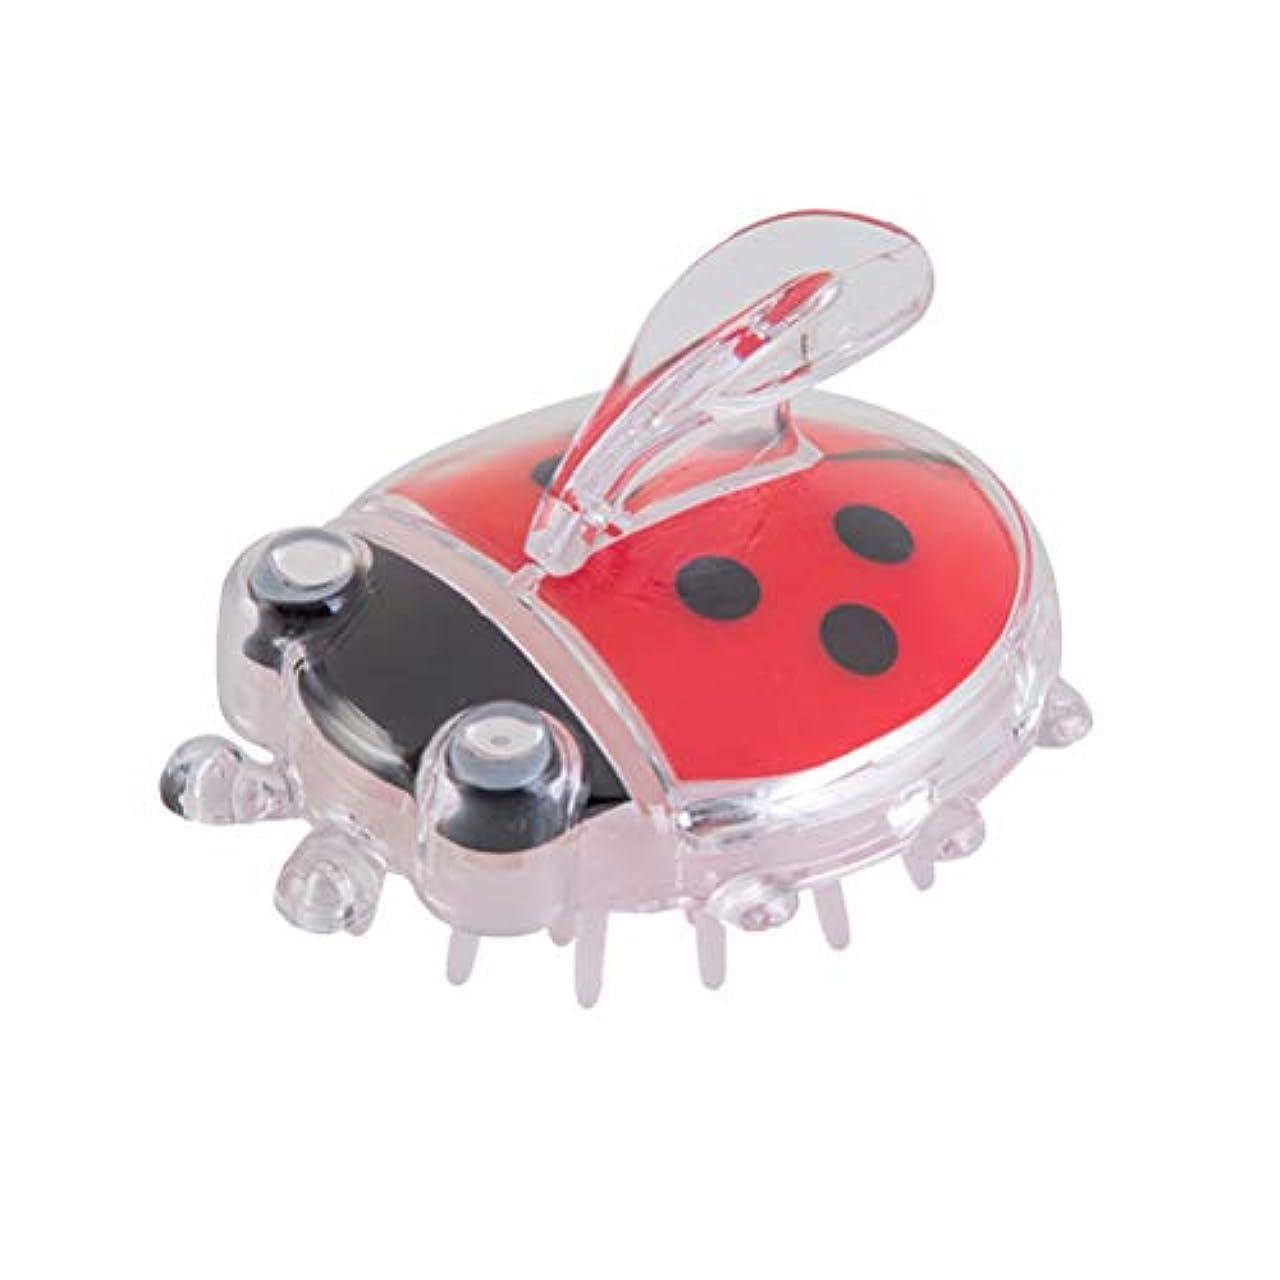 クラウンクック失われたTOPBATHY 生まれたばかりの乳児の赤ちゃんのためのマッサージコームヘアーブラシヘッドバスブラシ(赤Coccinella)1個